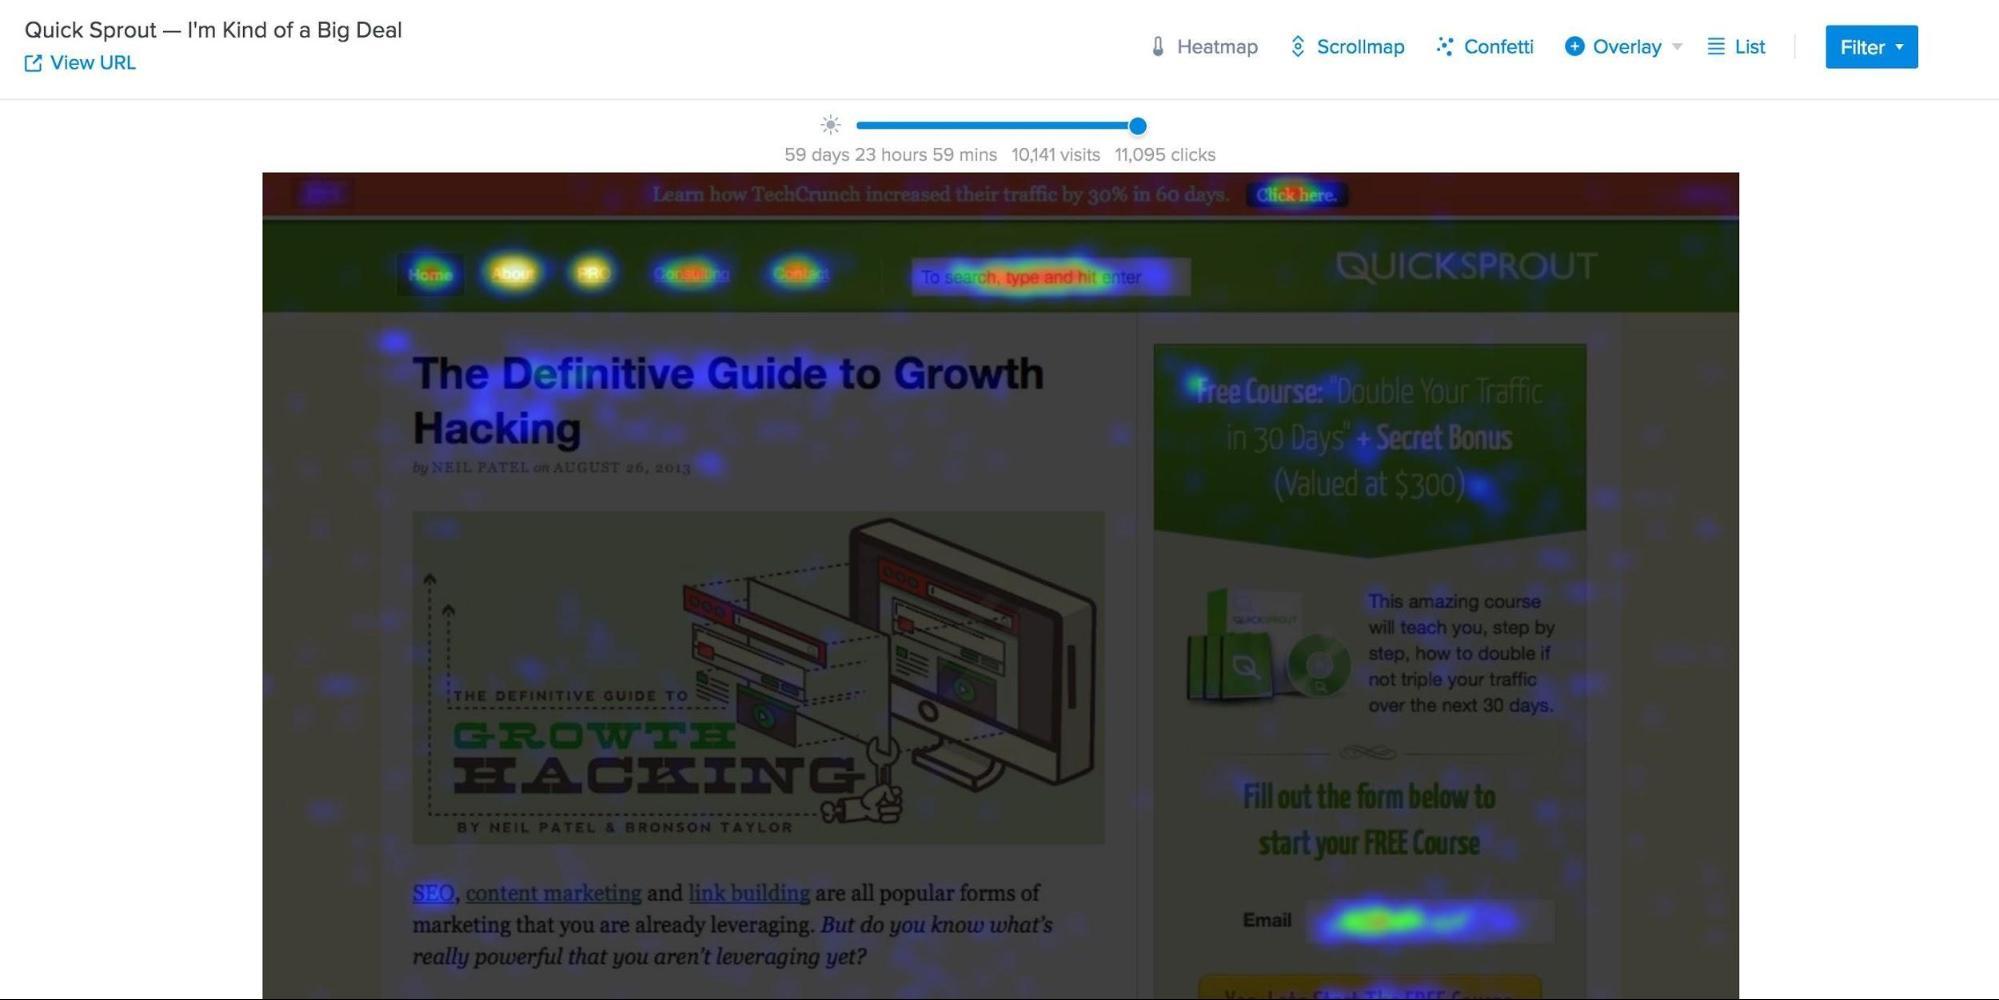 Las mejores herramientas de análisis web para hacer crecer su negocio - 1630929111 292 Las mejores herramientas de analisis web para hacer crecer su